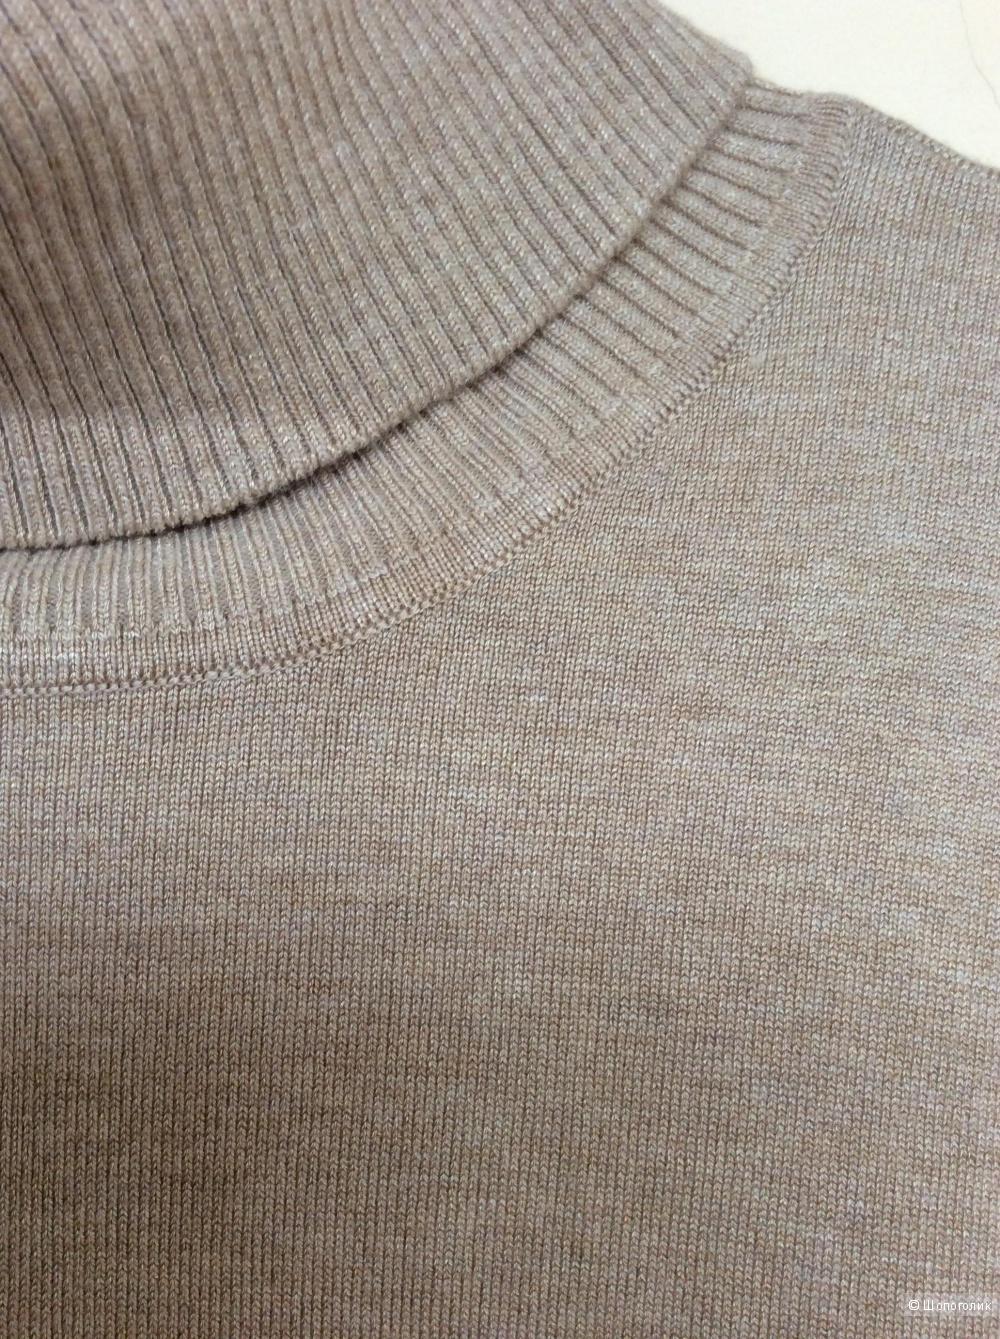 Водолазка Calvin Klein размер L